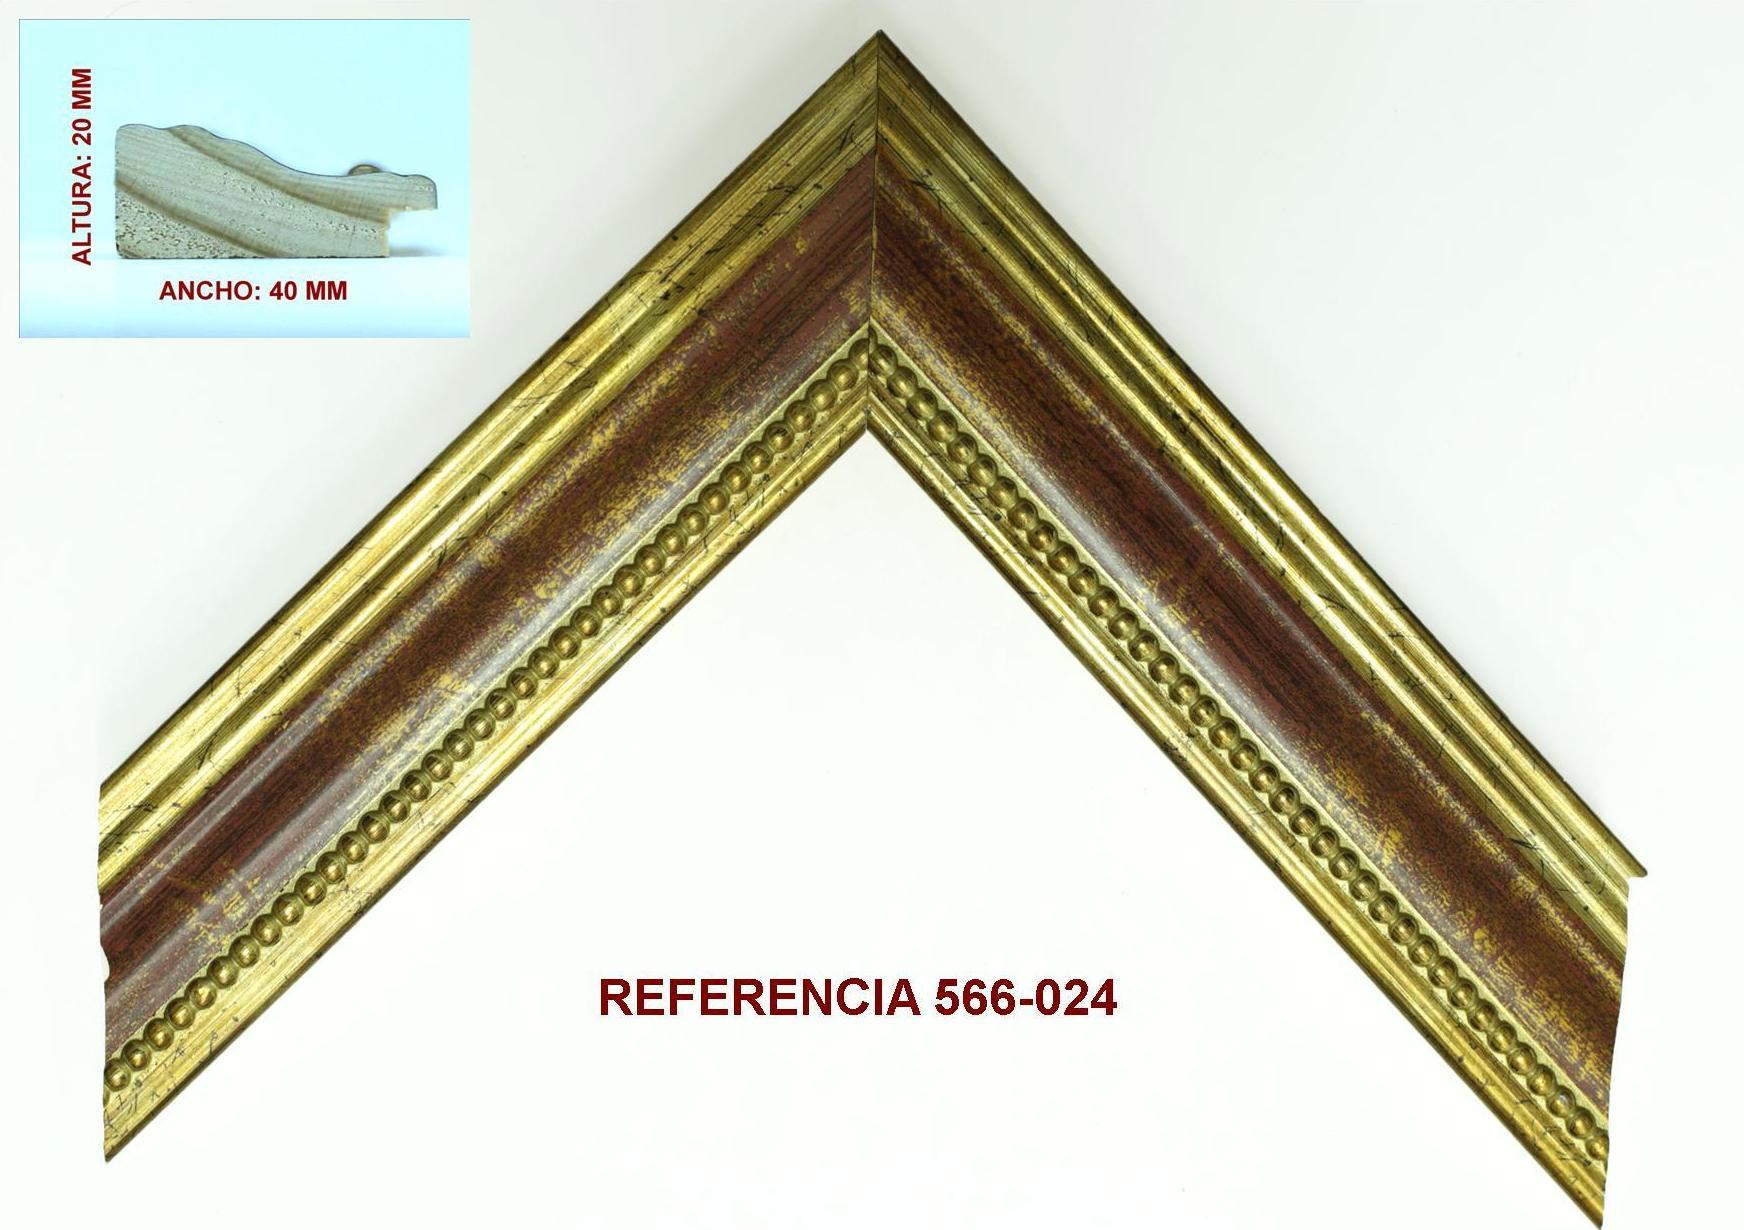 REF 566-024